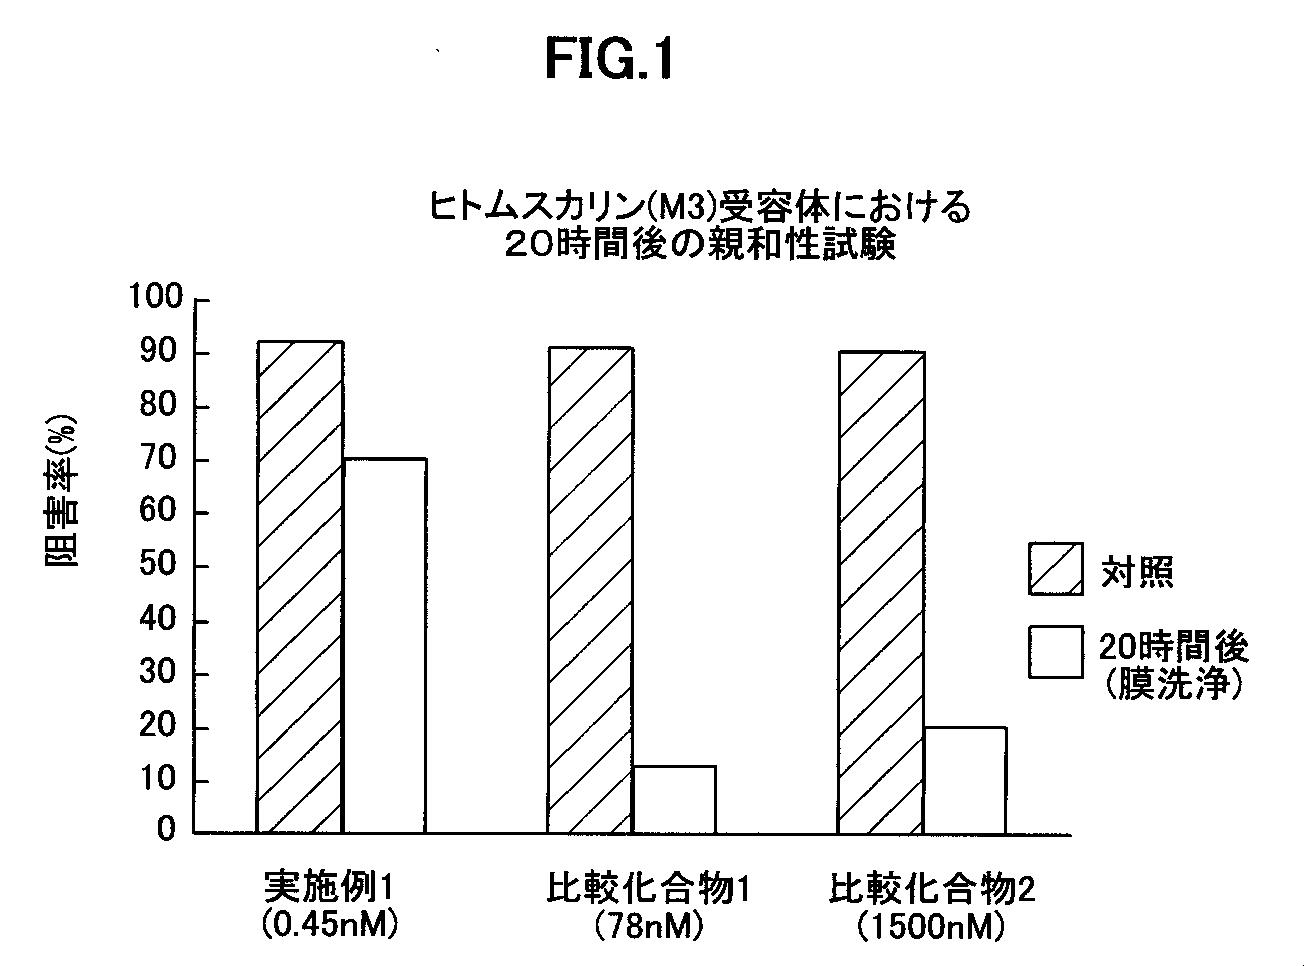 patent drawing  u30e0 u30b9 u30ab u30ea u30f3 u53d7 u5bb9 u4f53 u62ee u6297 u85ac